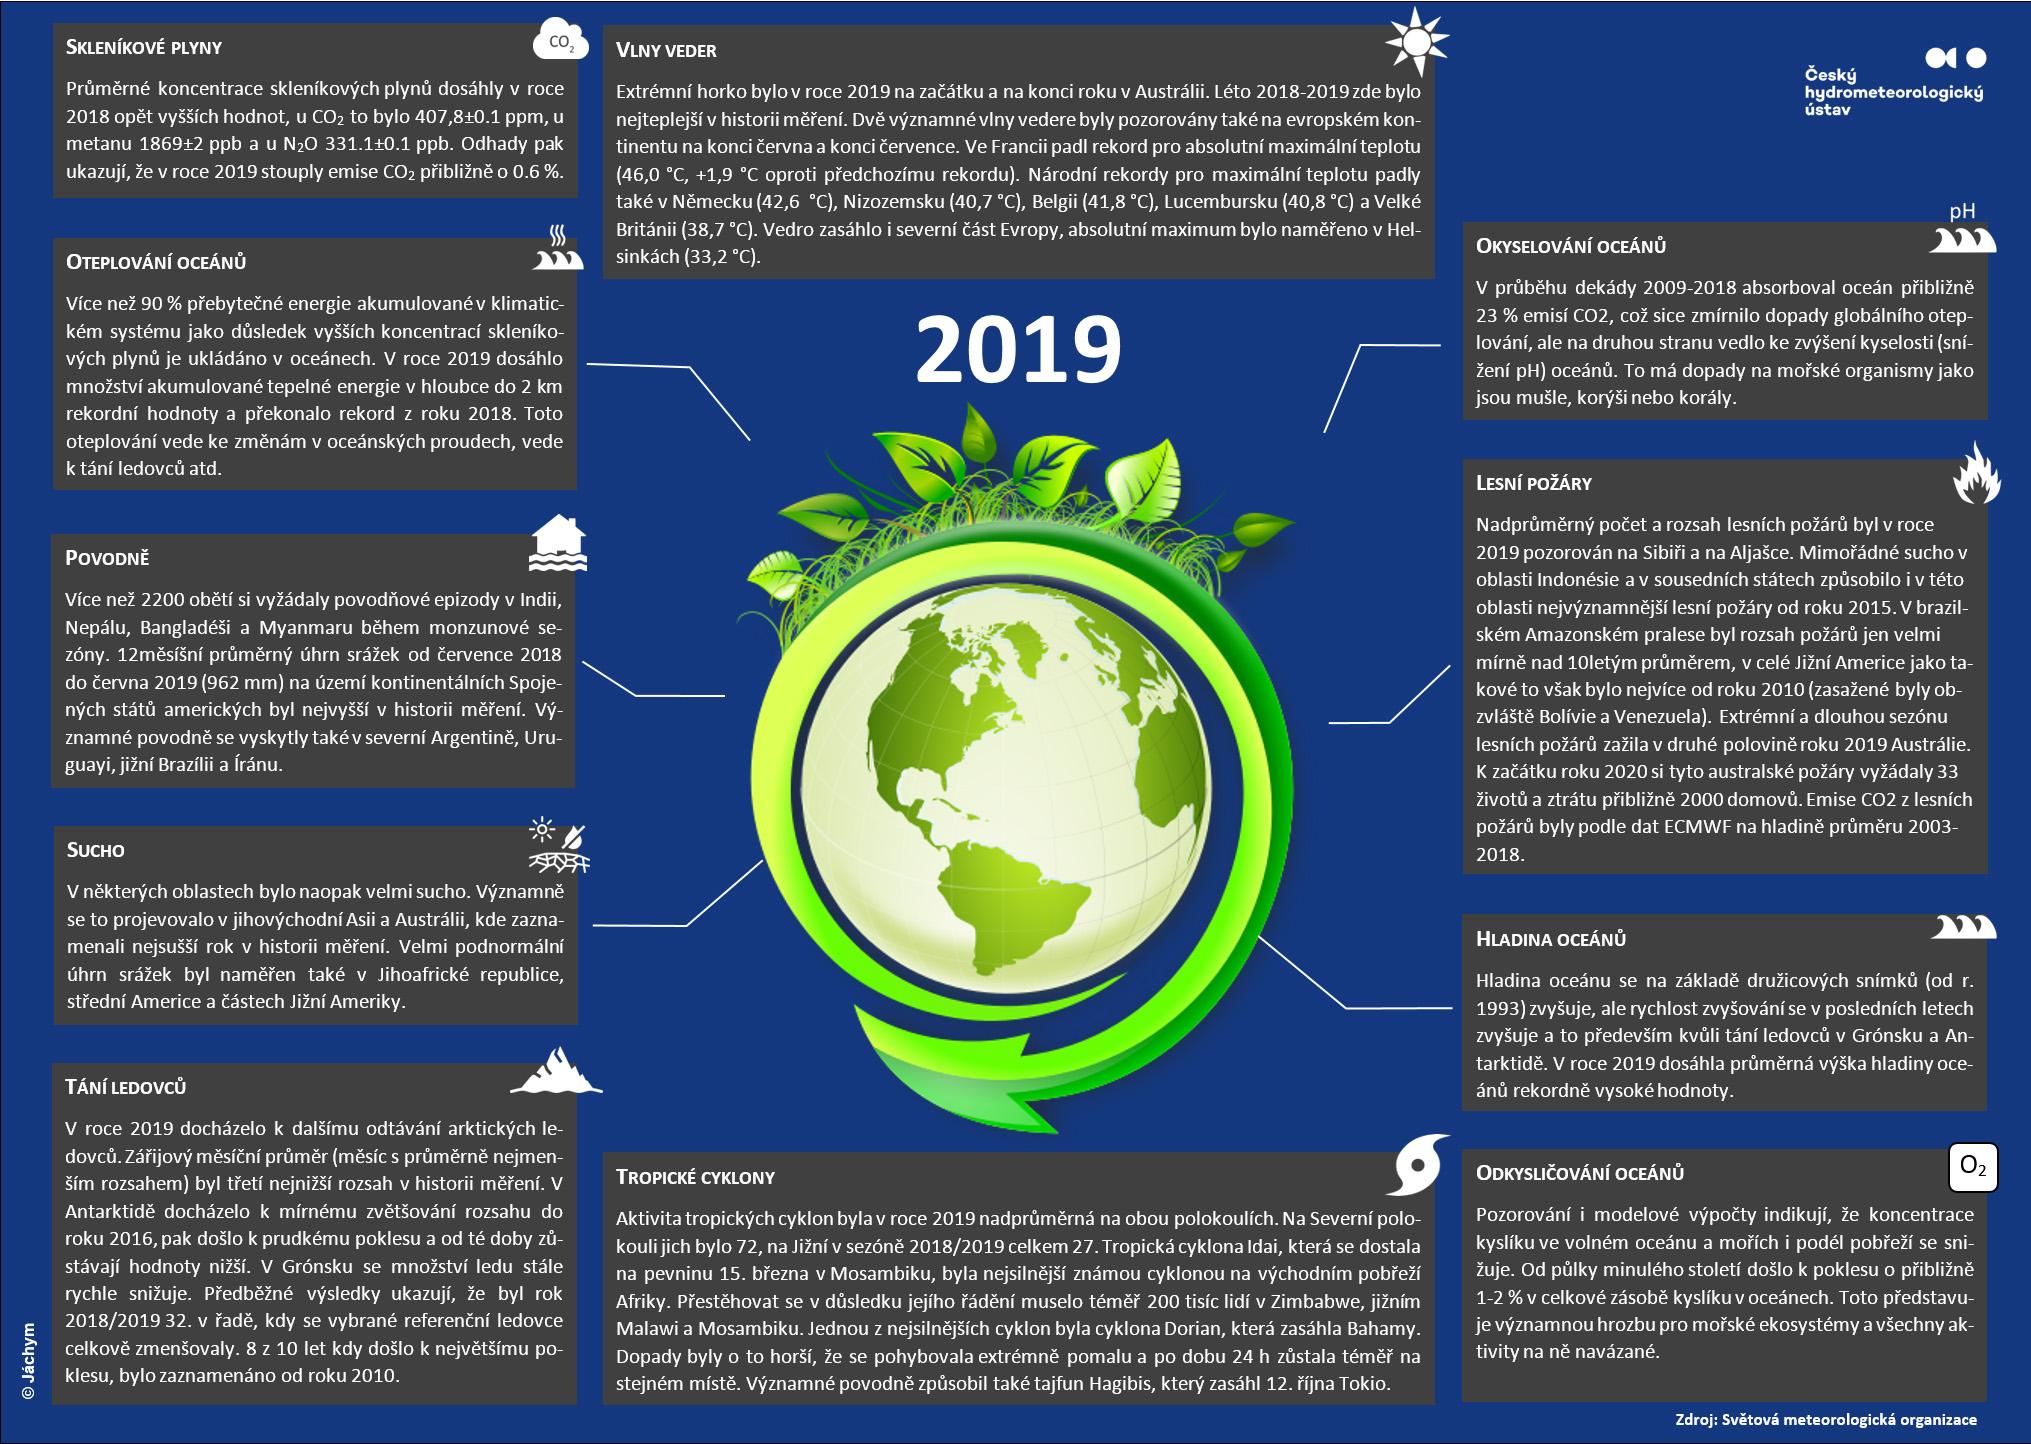 Stav globálního klimatu 20191 min čtení